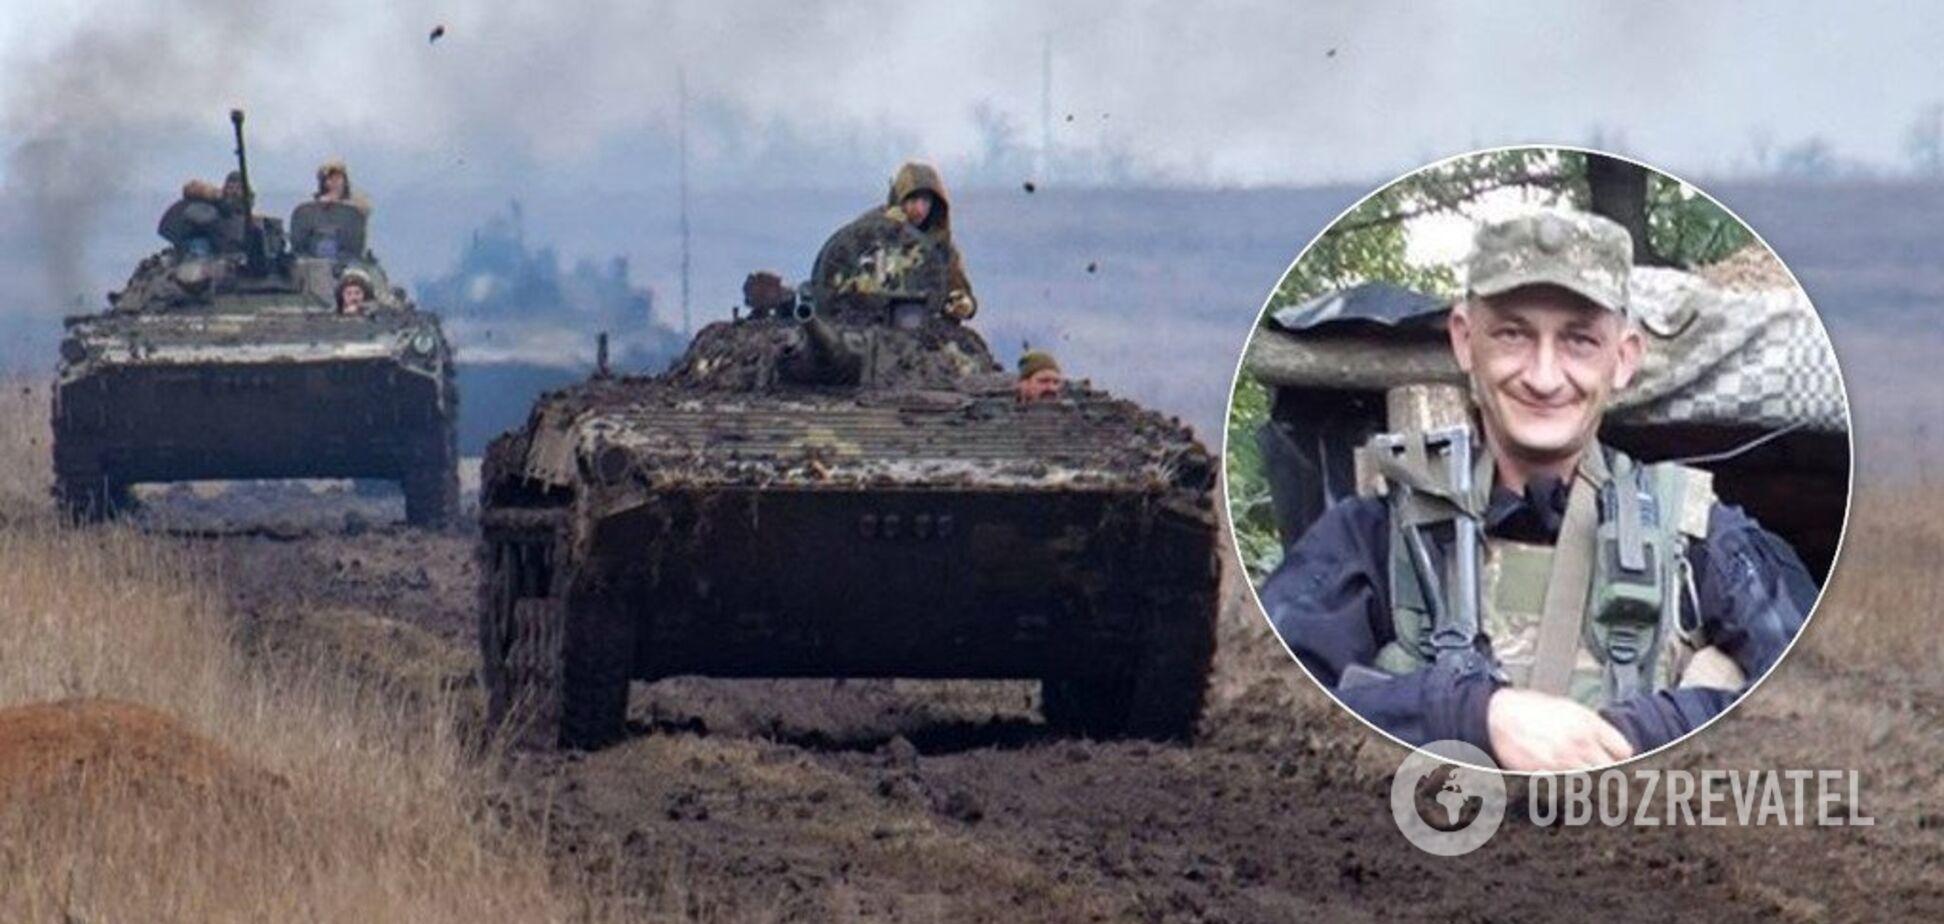 'Небоевая' смерть, стрельба по дому и Святой Николай на танке: как прошла неделя в ООС